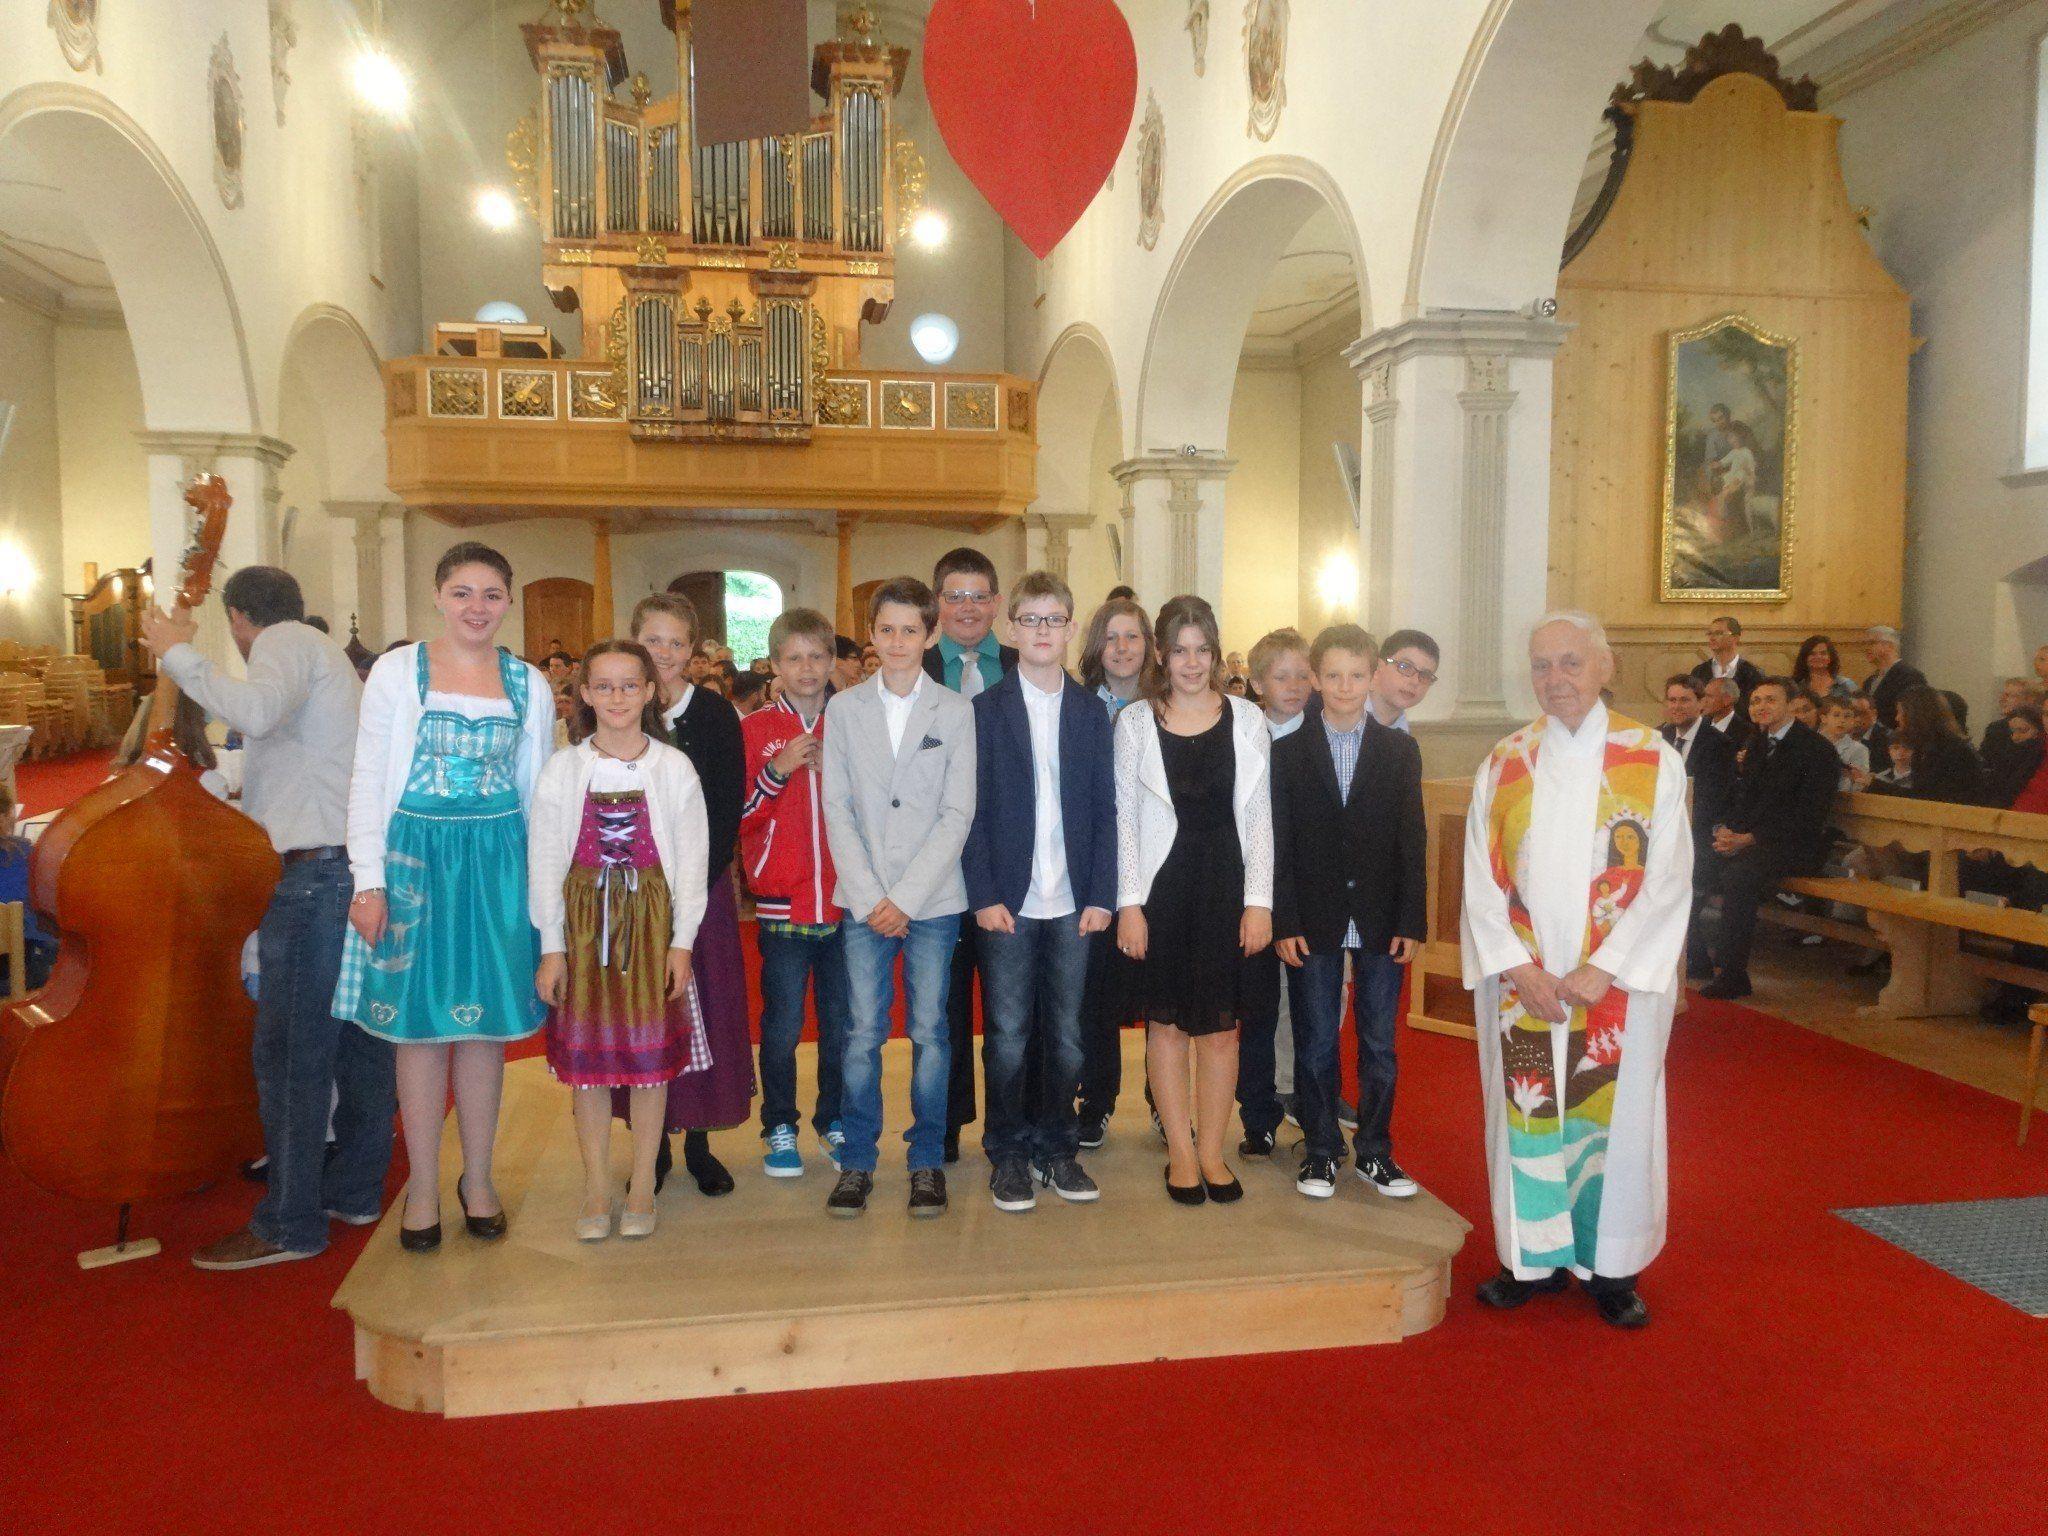 Firmlinge aus Tschagguns erhielten das Sakrament der Firmung.